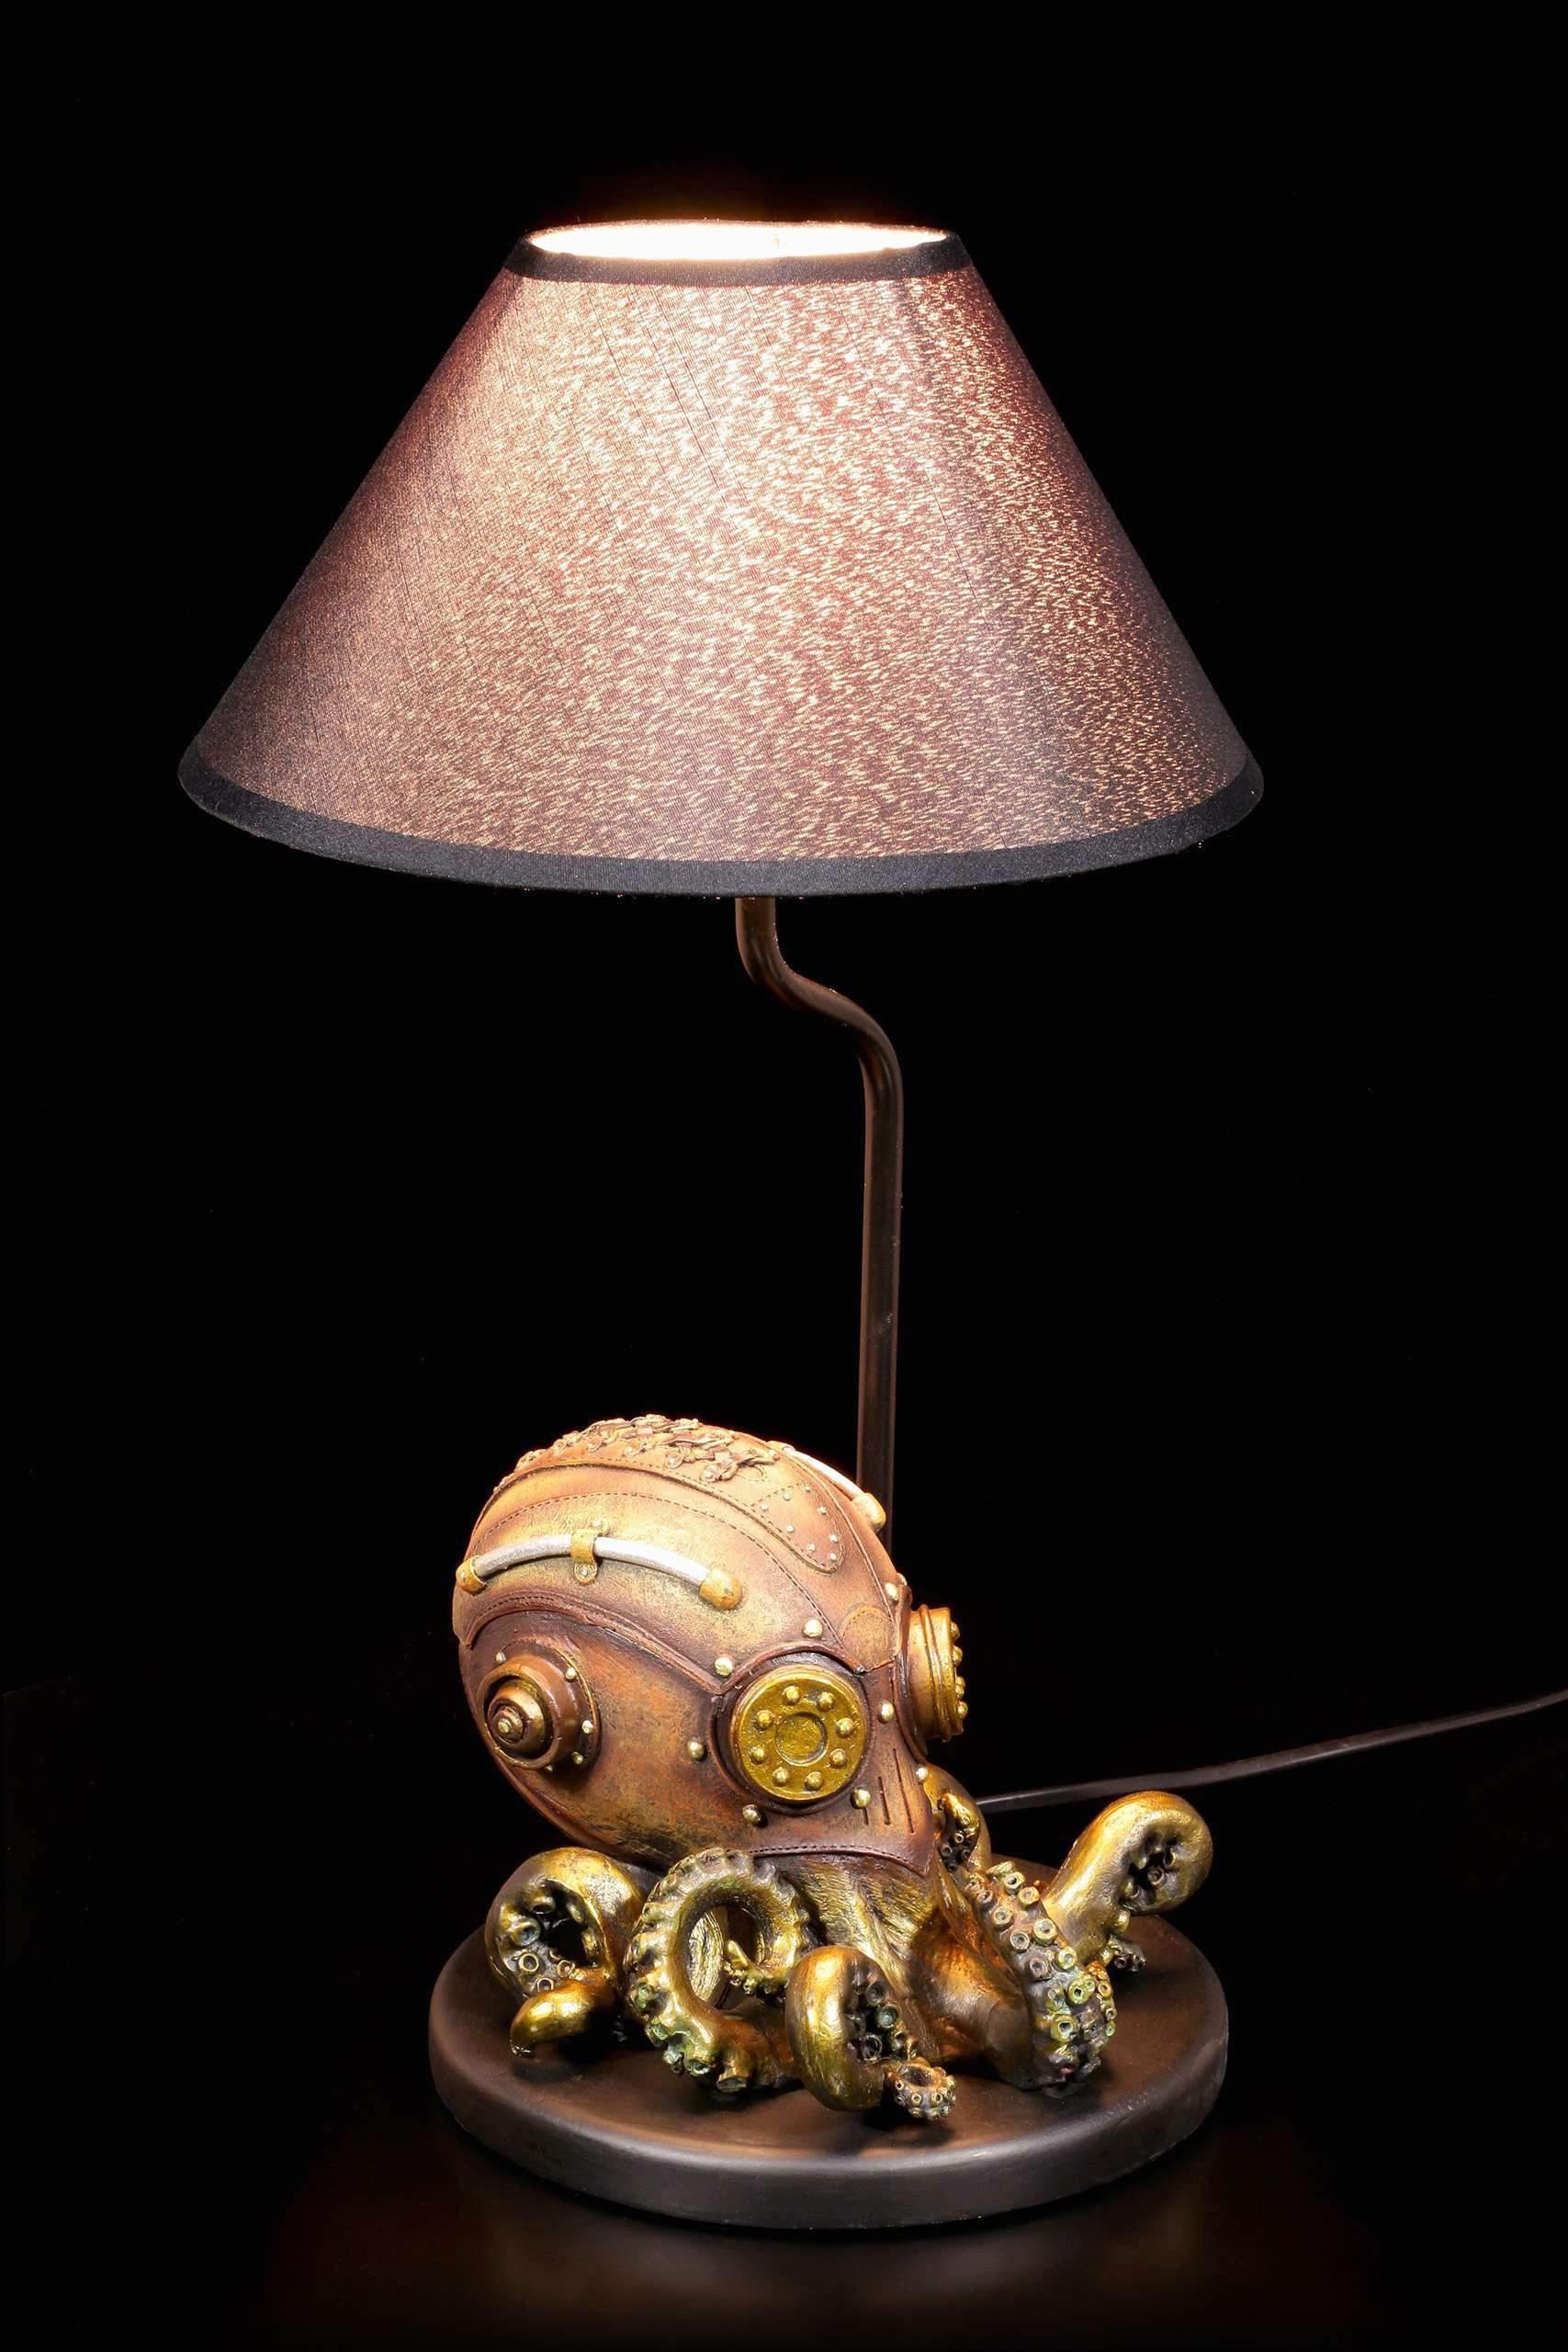 Full Size of Designer Lampen Wohnzimmer Led Lampe Neu Spots Luxus Gardine Deckenleuchte Fototapeten Deko Deckenlampe Deckenlampen Modern Landhausstil Tisch Wandbild Regale Wohnzimmer Designer Lampen Wohnzimmer